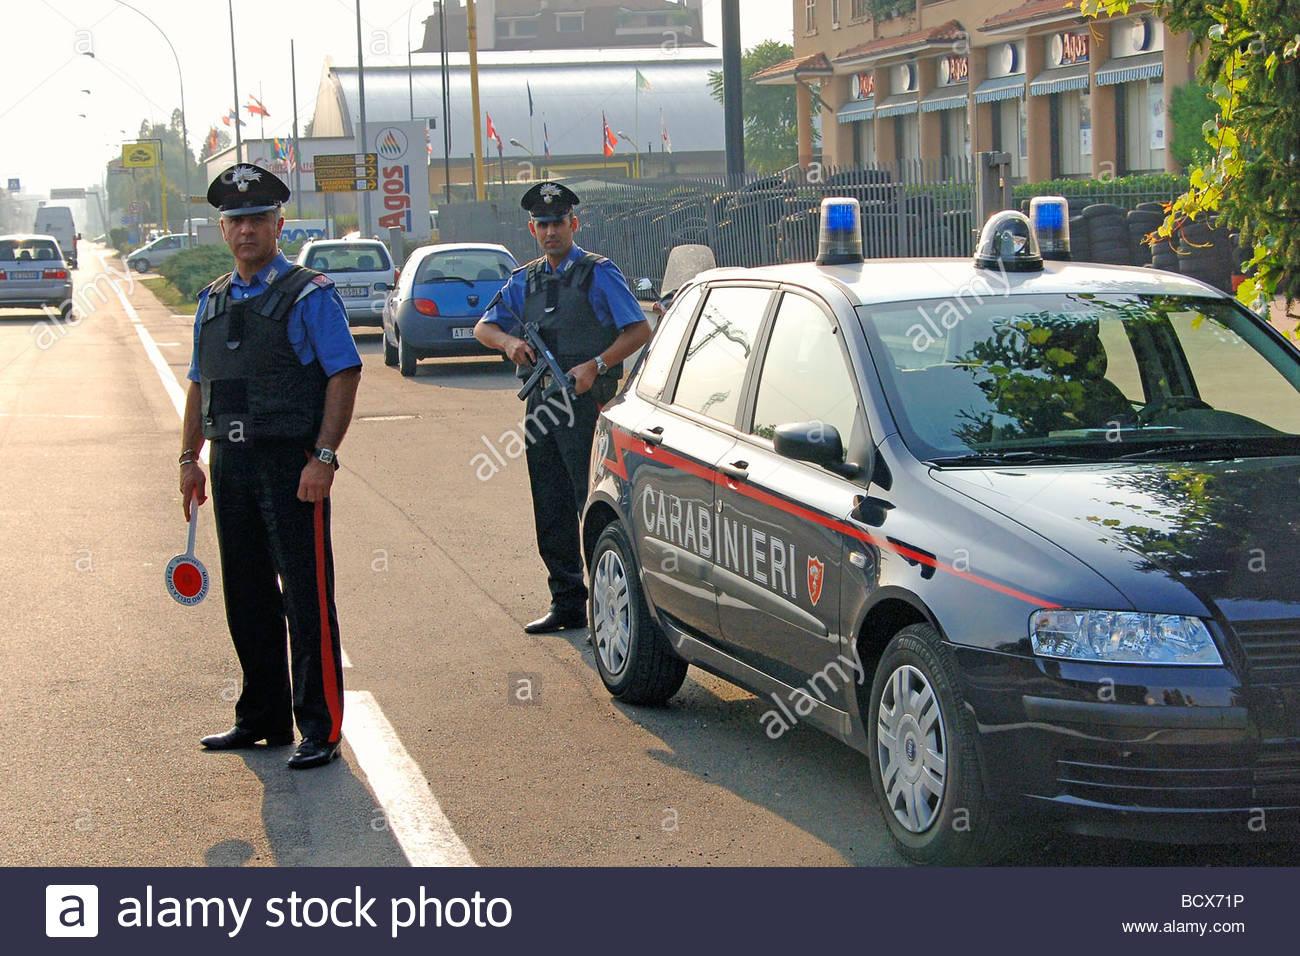 roadblock, carabinieri - Stock Image